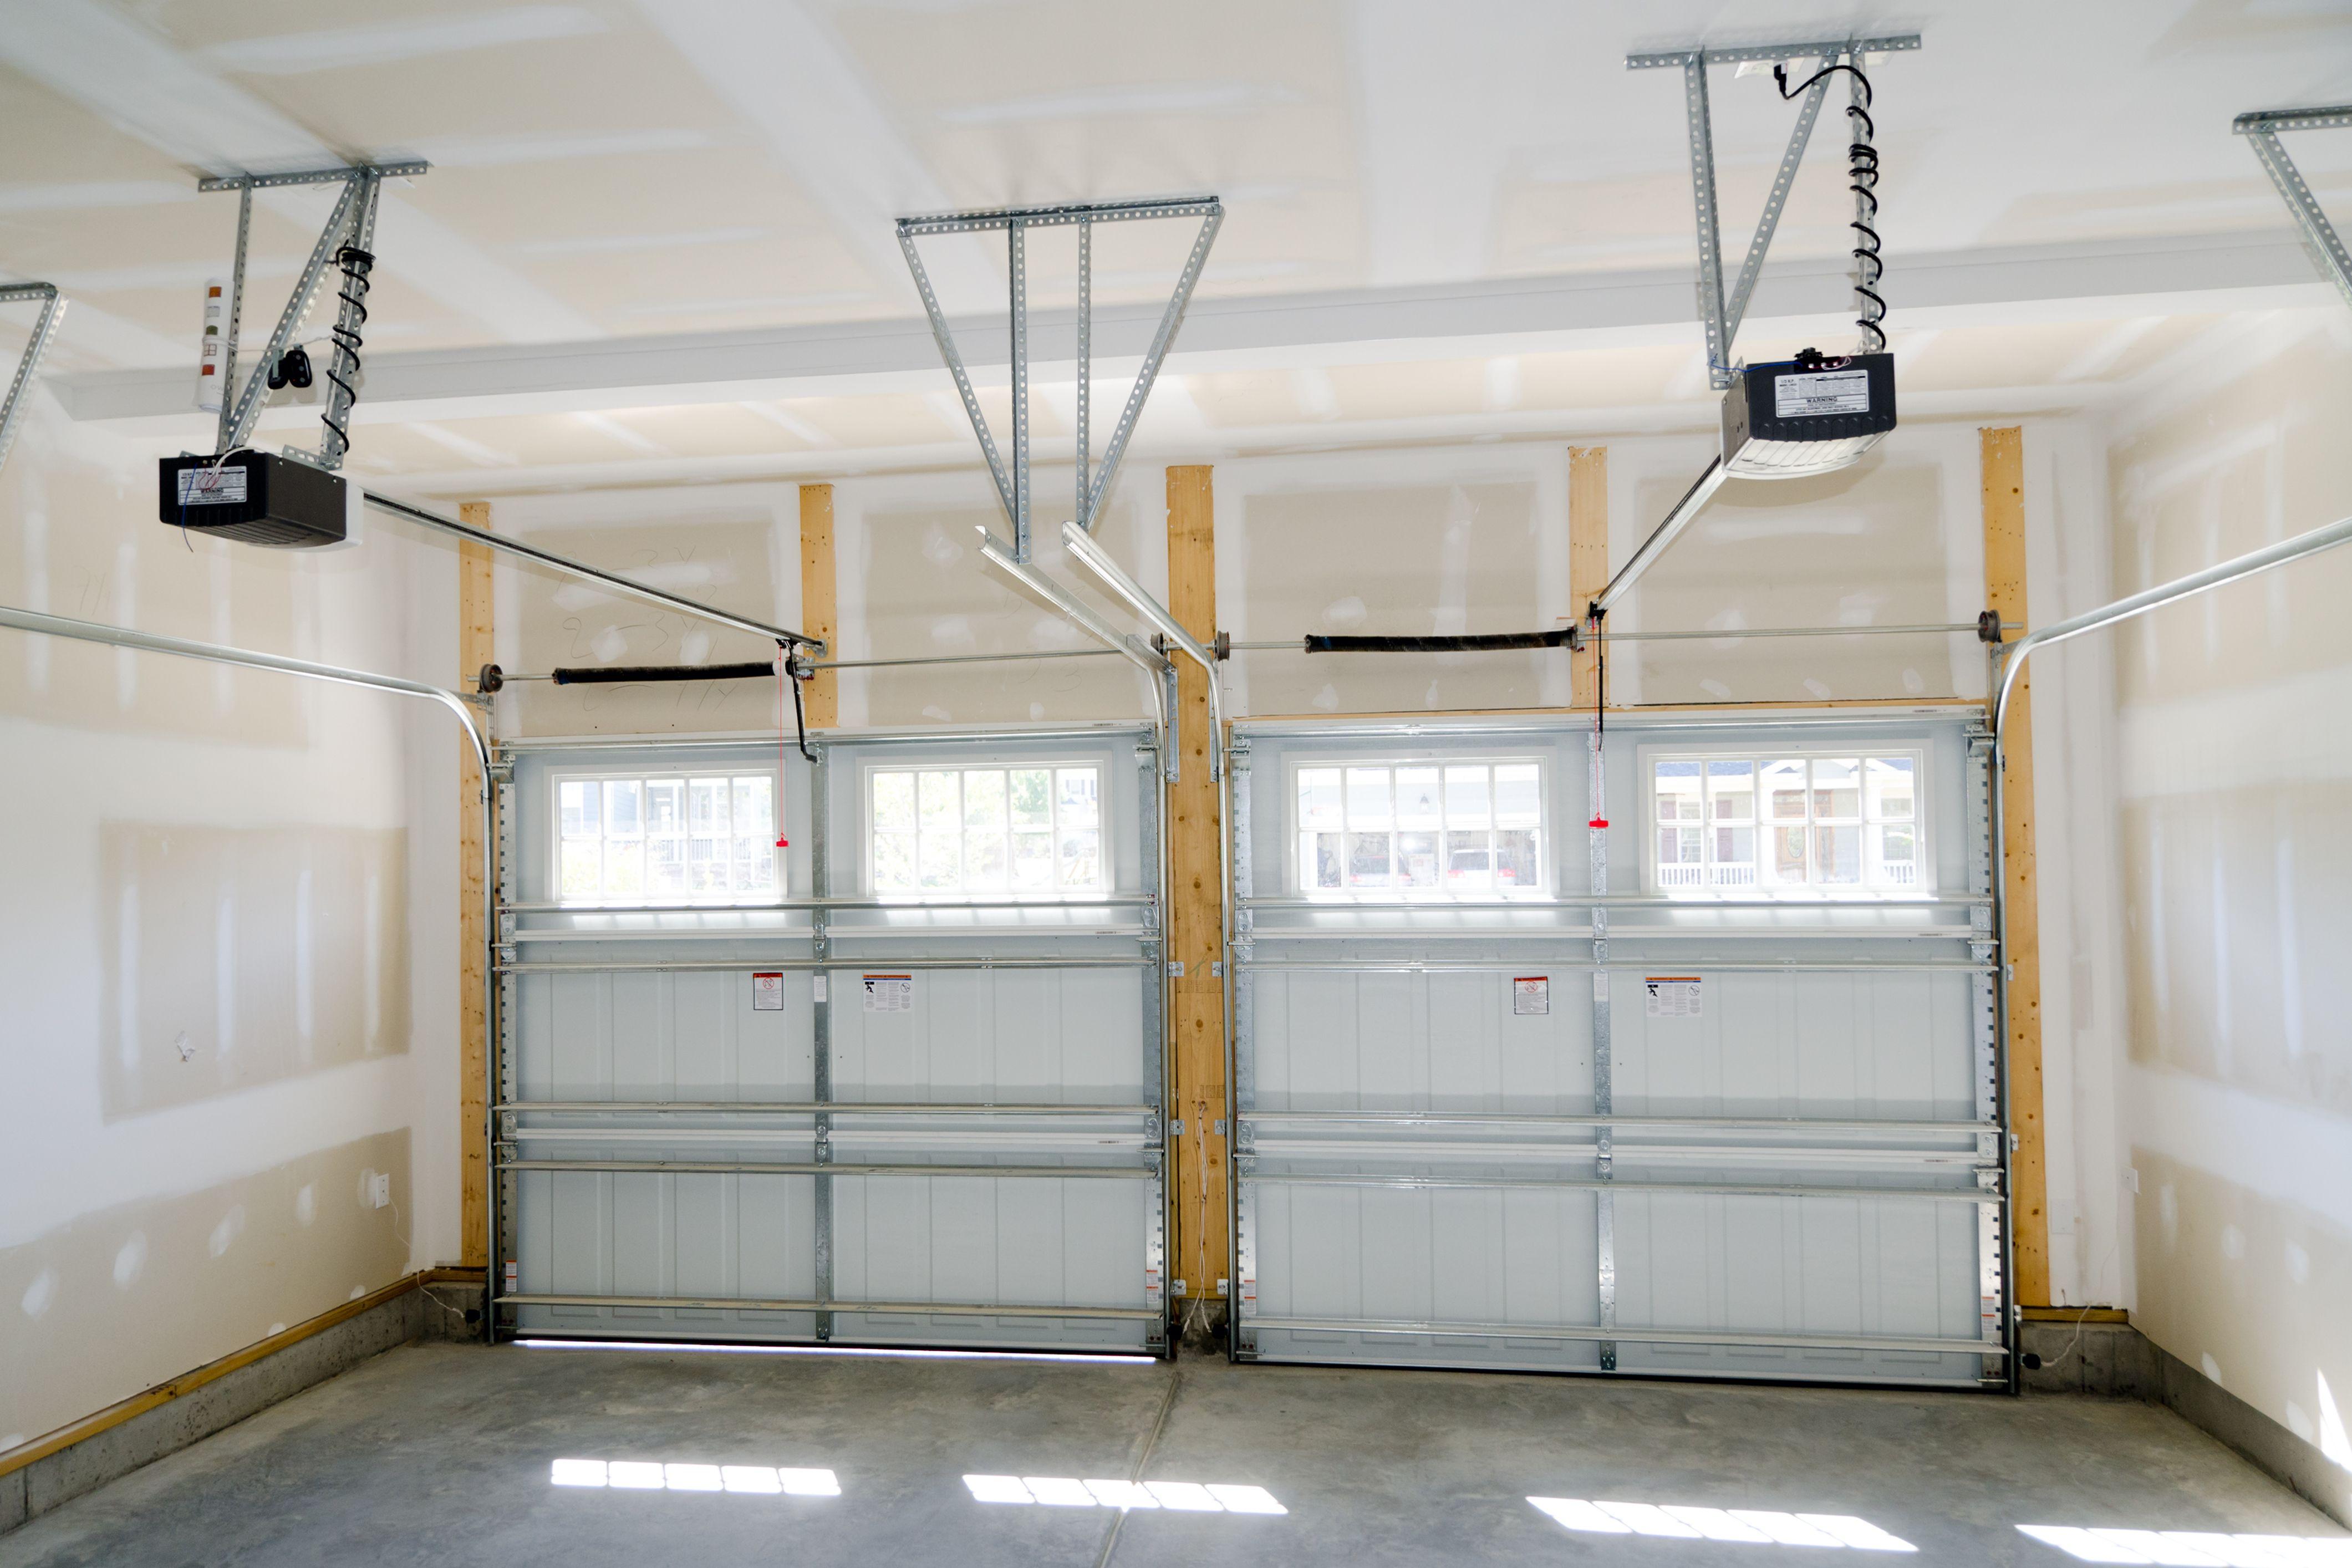 Faux Garage Door Windows House To Home Blog Garage Door Opener Installation Garage Doors Garage Door Installation